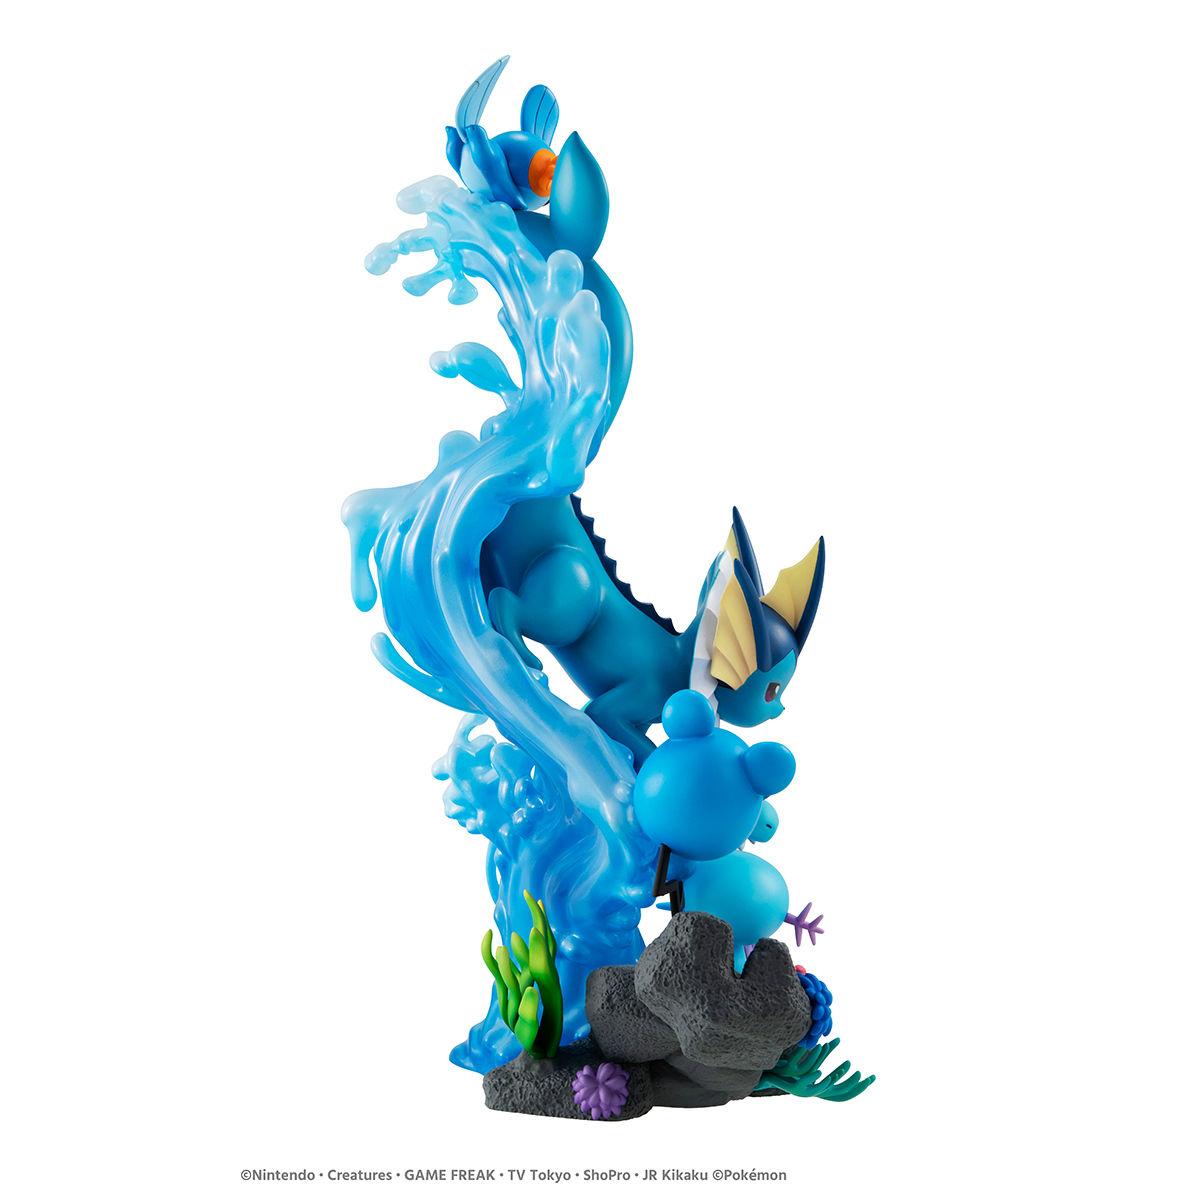 G.E.M.EXシリーズ『みずタイプ DIVE TO BLUE』ポケットモンスター 完成品フィギュア-003